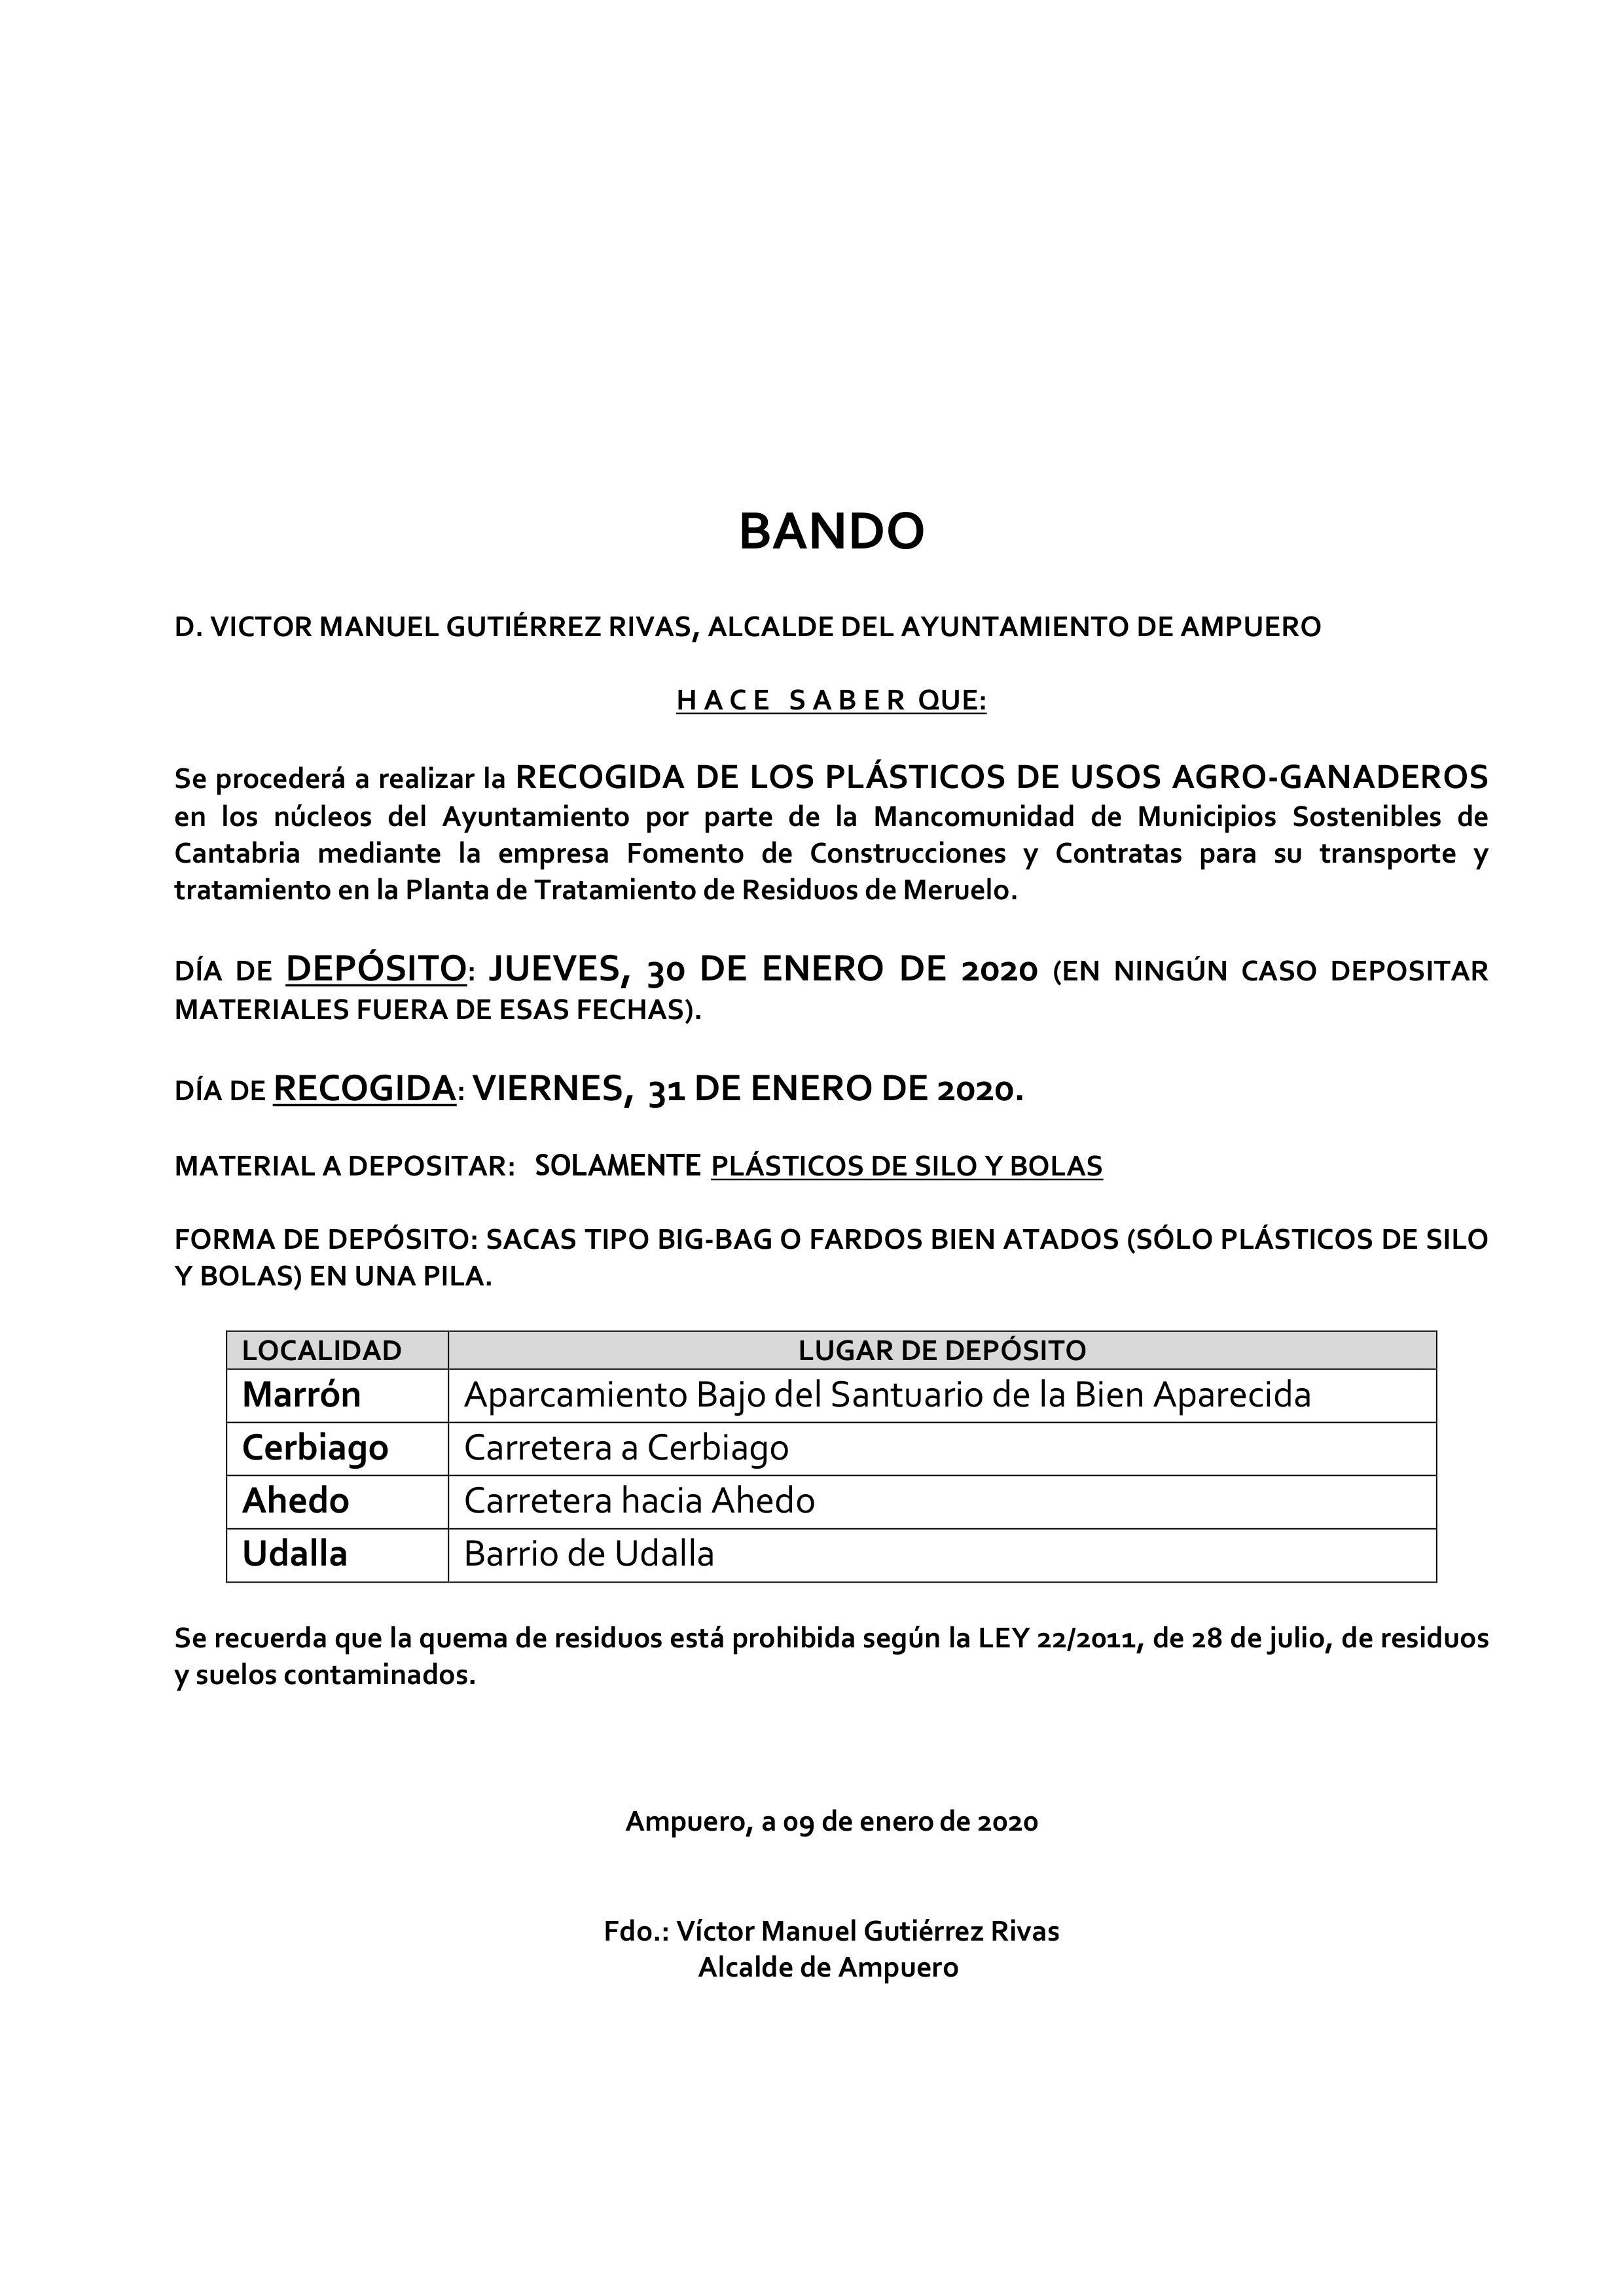 SESION INFORMATIVA SOBRE PUESTA EN SERVICIO DE CARRIL BICI